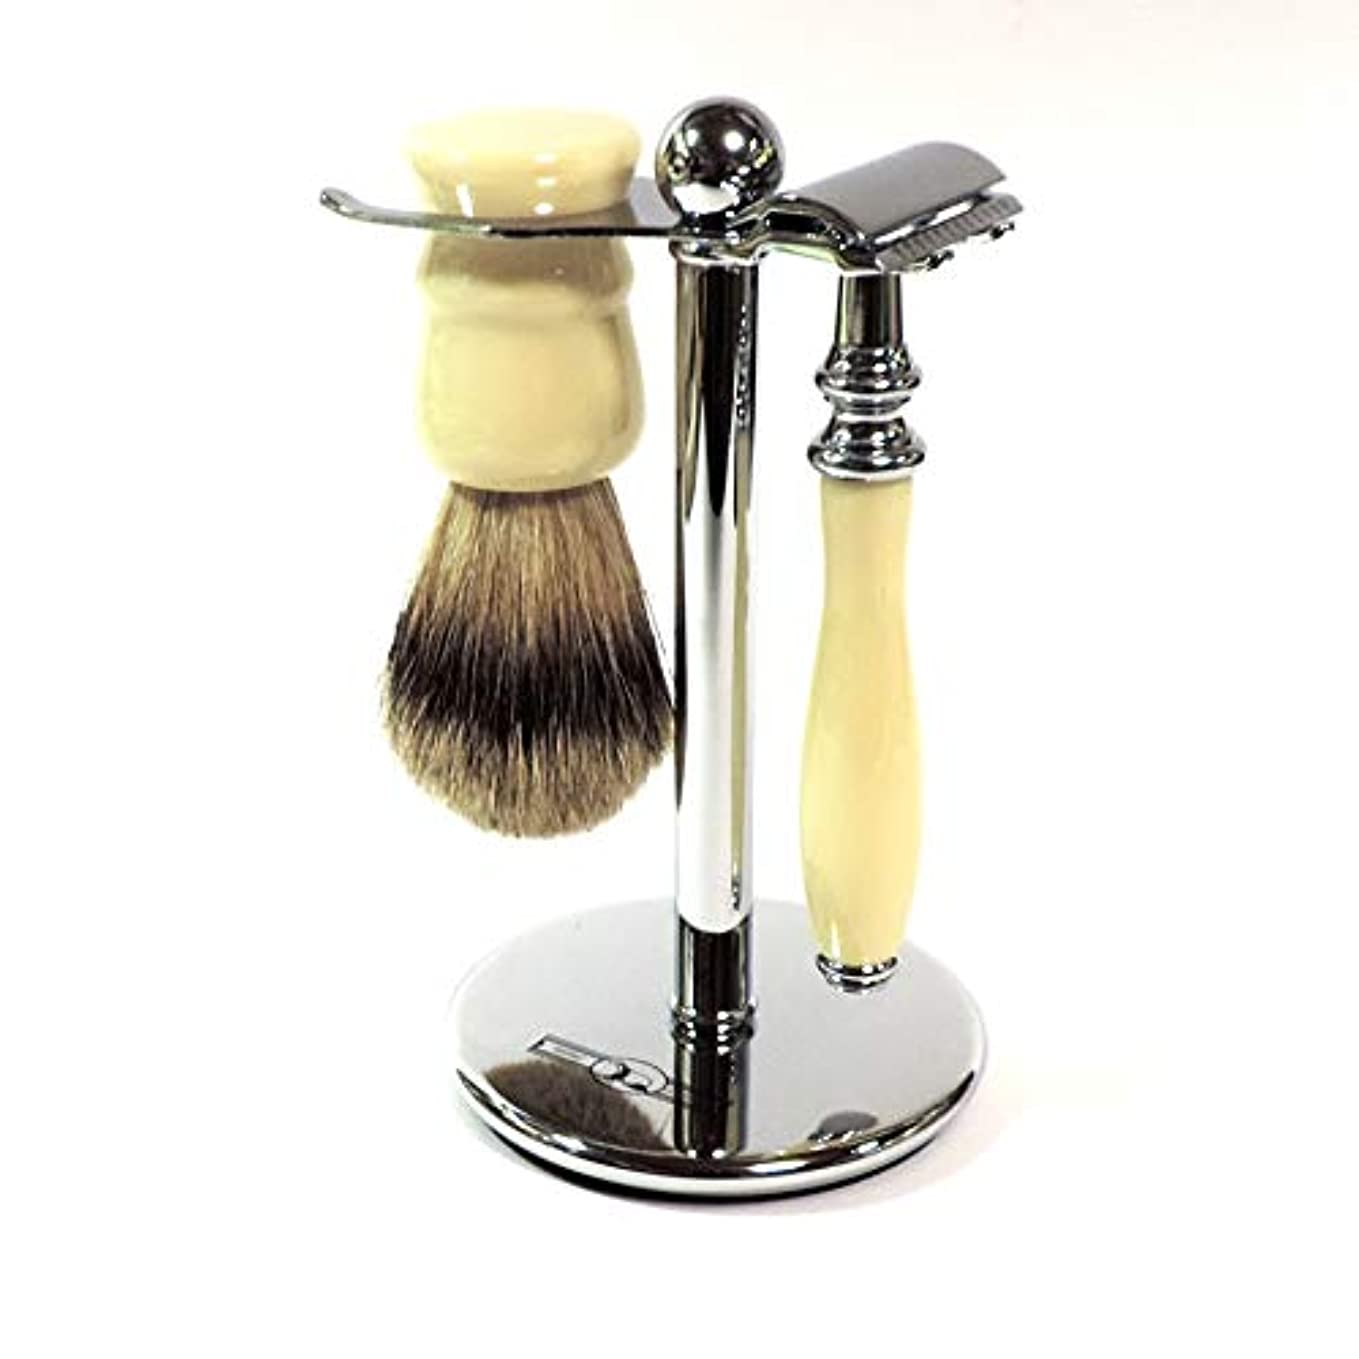 ピジン究極の遺棄された髭剃りシェービングセット アイボリー 両刃ホルダー クロム アナグマ毛ブラシ スタンド付 ドイツ?ディトマー社